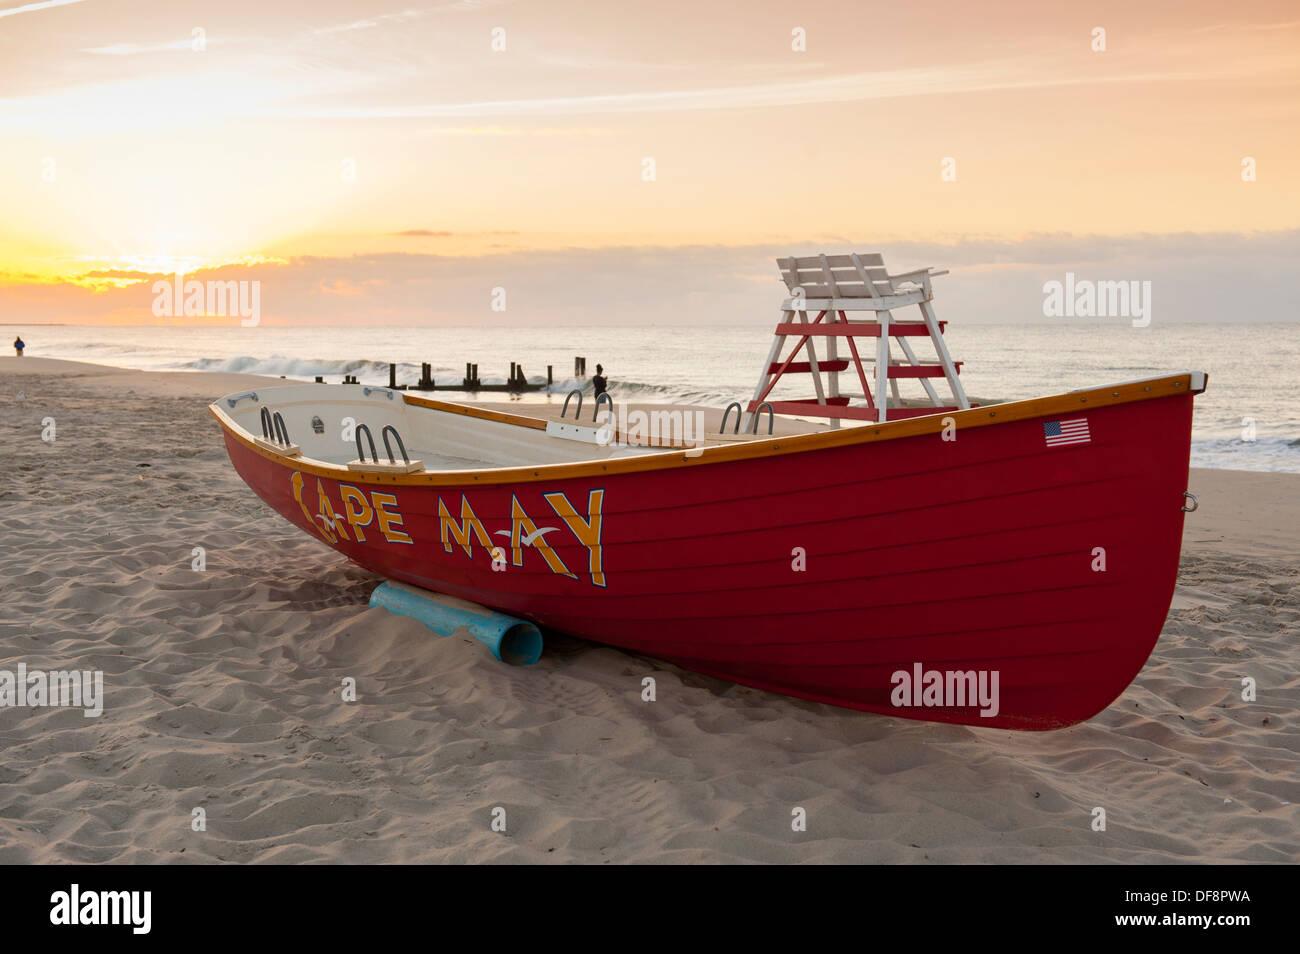 usa-new-jersey-nj-nj-cape-may-lifeboat-o